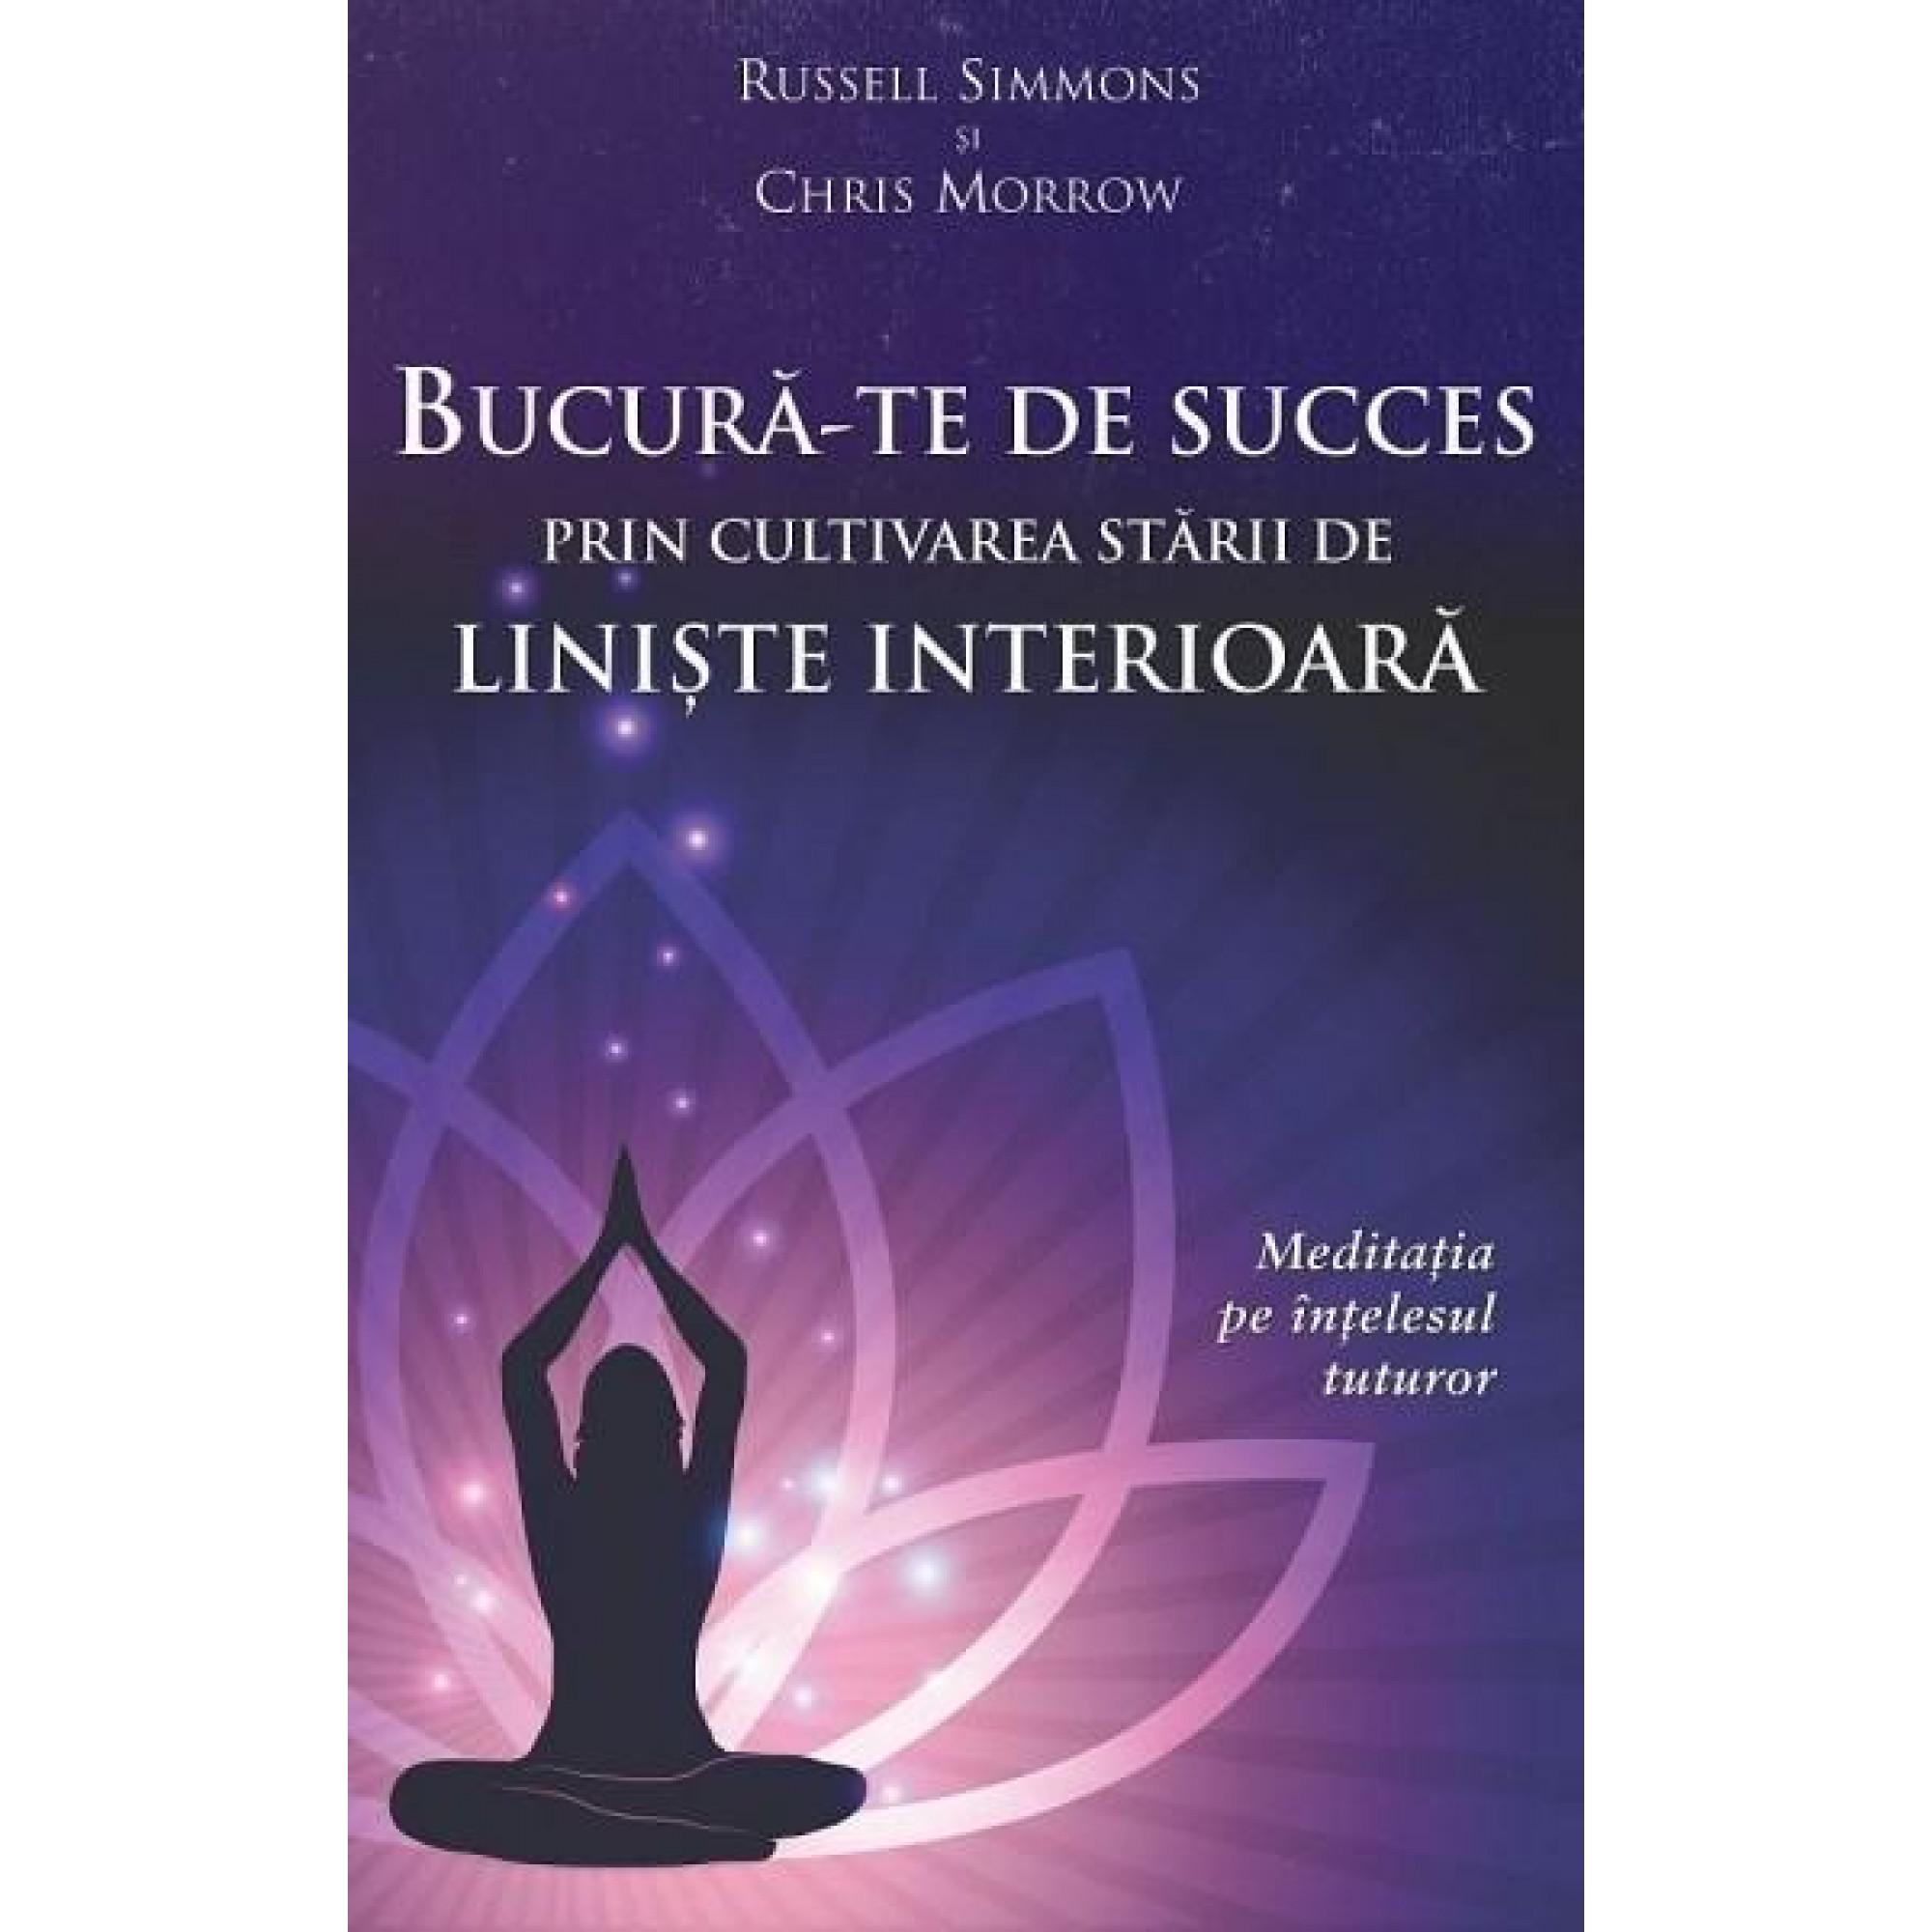 Bucură-te de succes prin cultivarea stării de linişte interioară. Meditaţia pe înţelesul tuturor; Russell Simmons, Chris Morrow